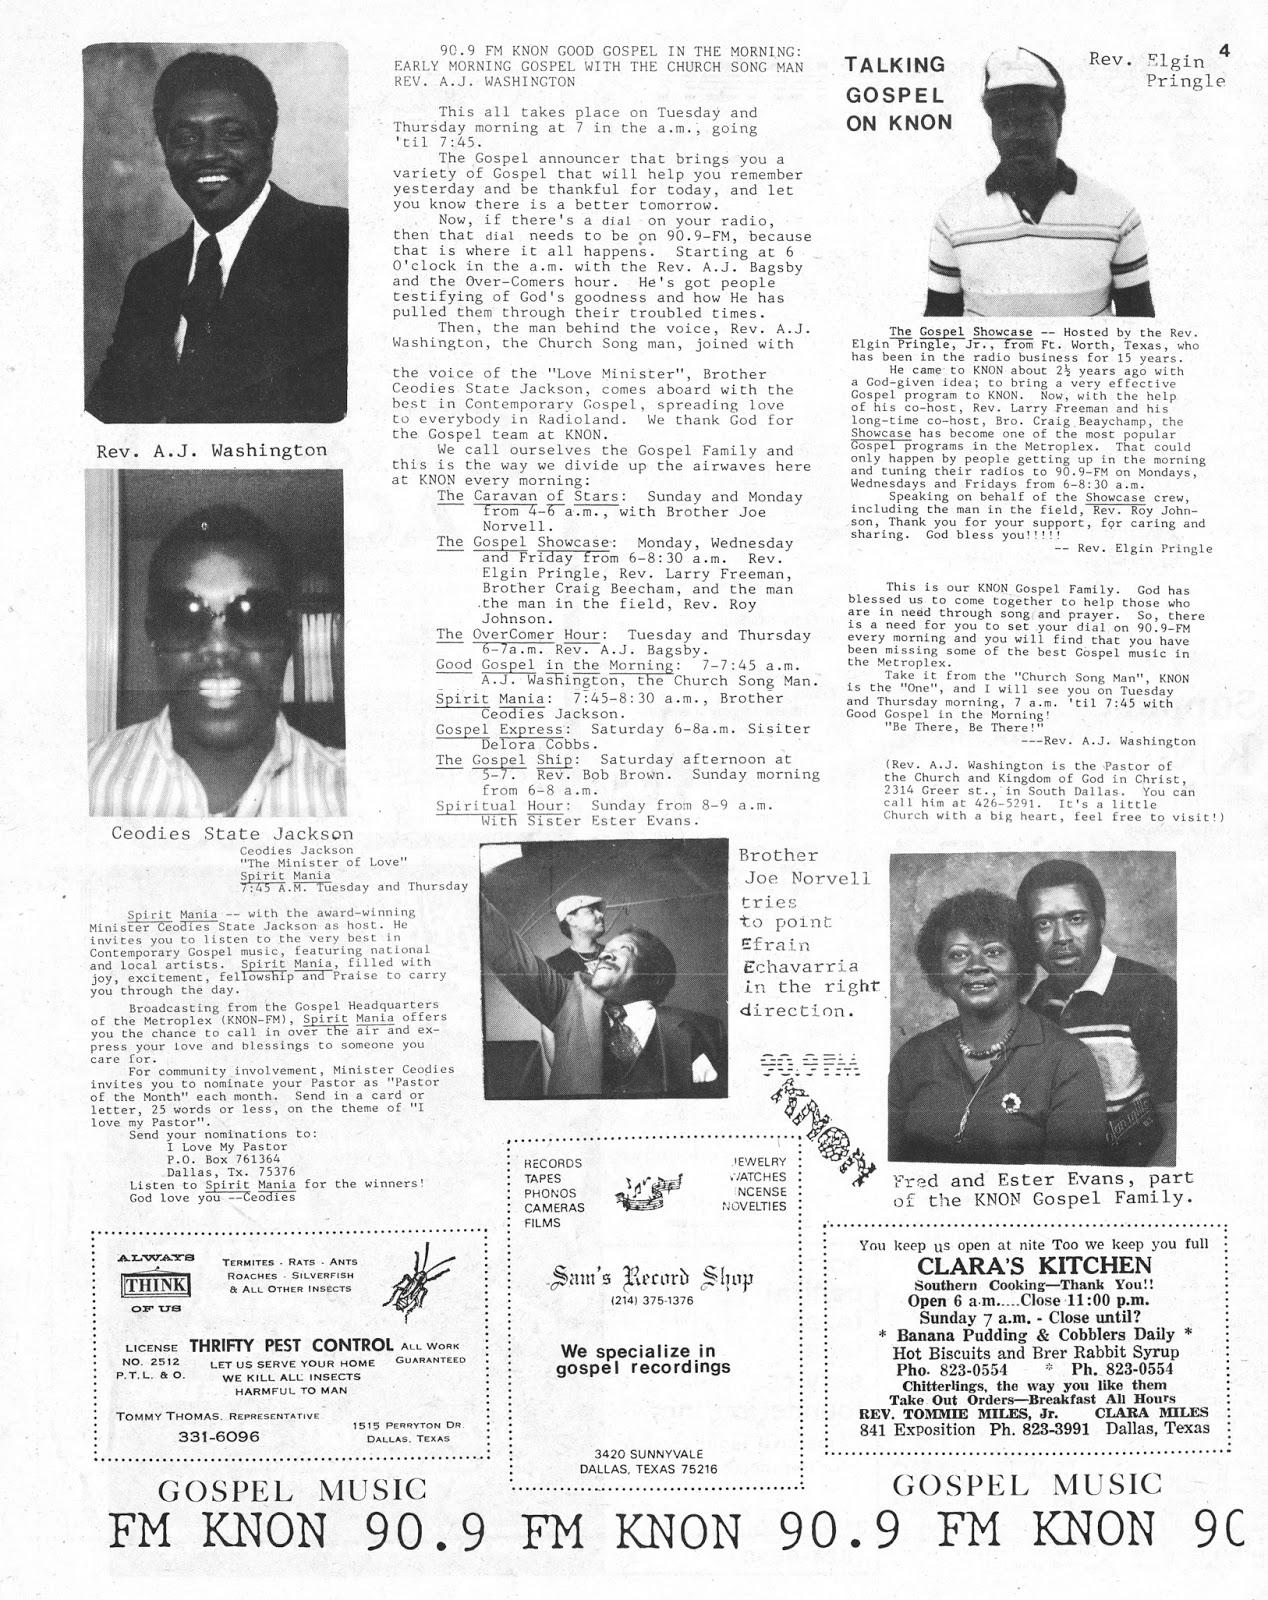 scrapbook-1985-issue-2-p04